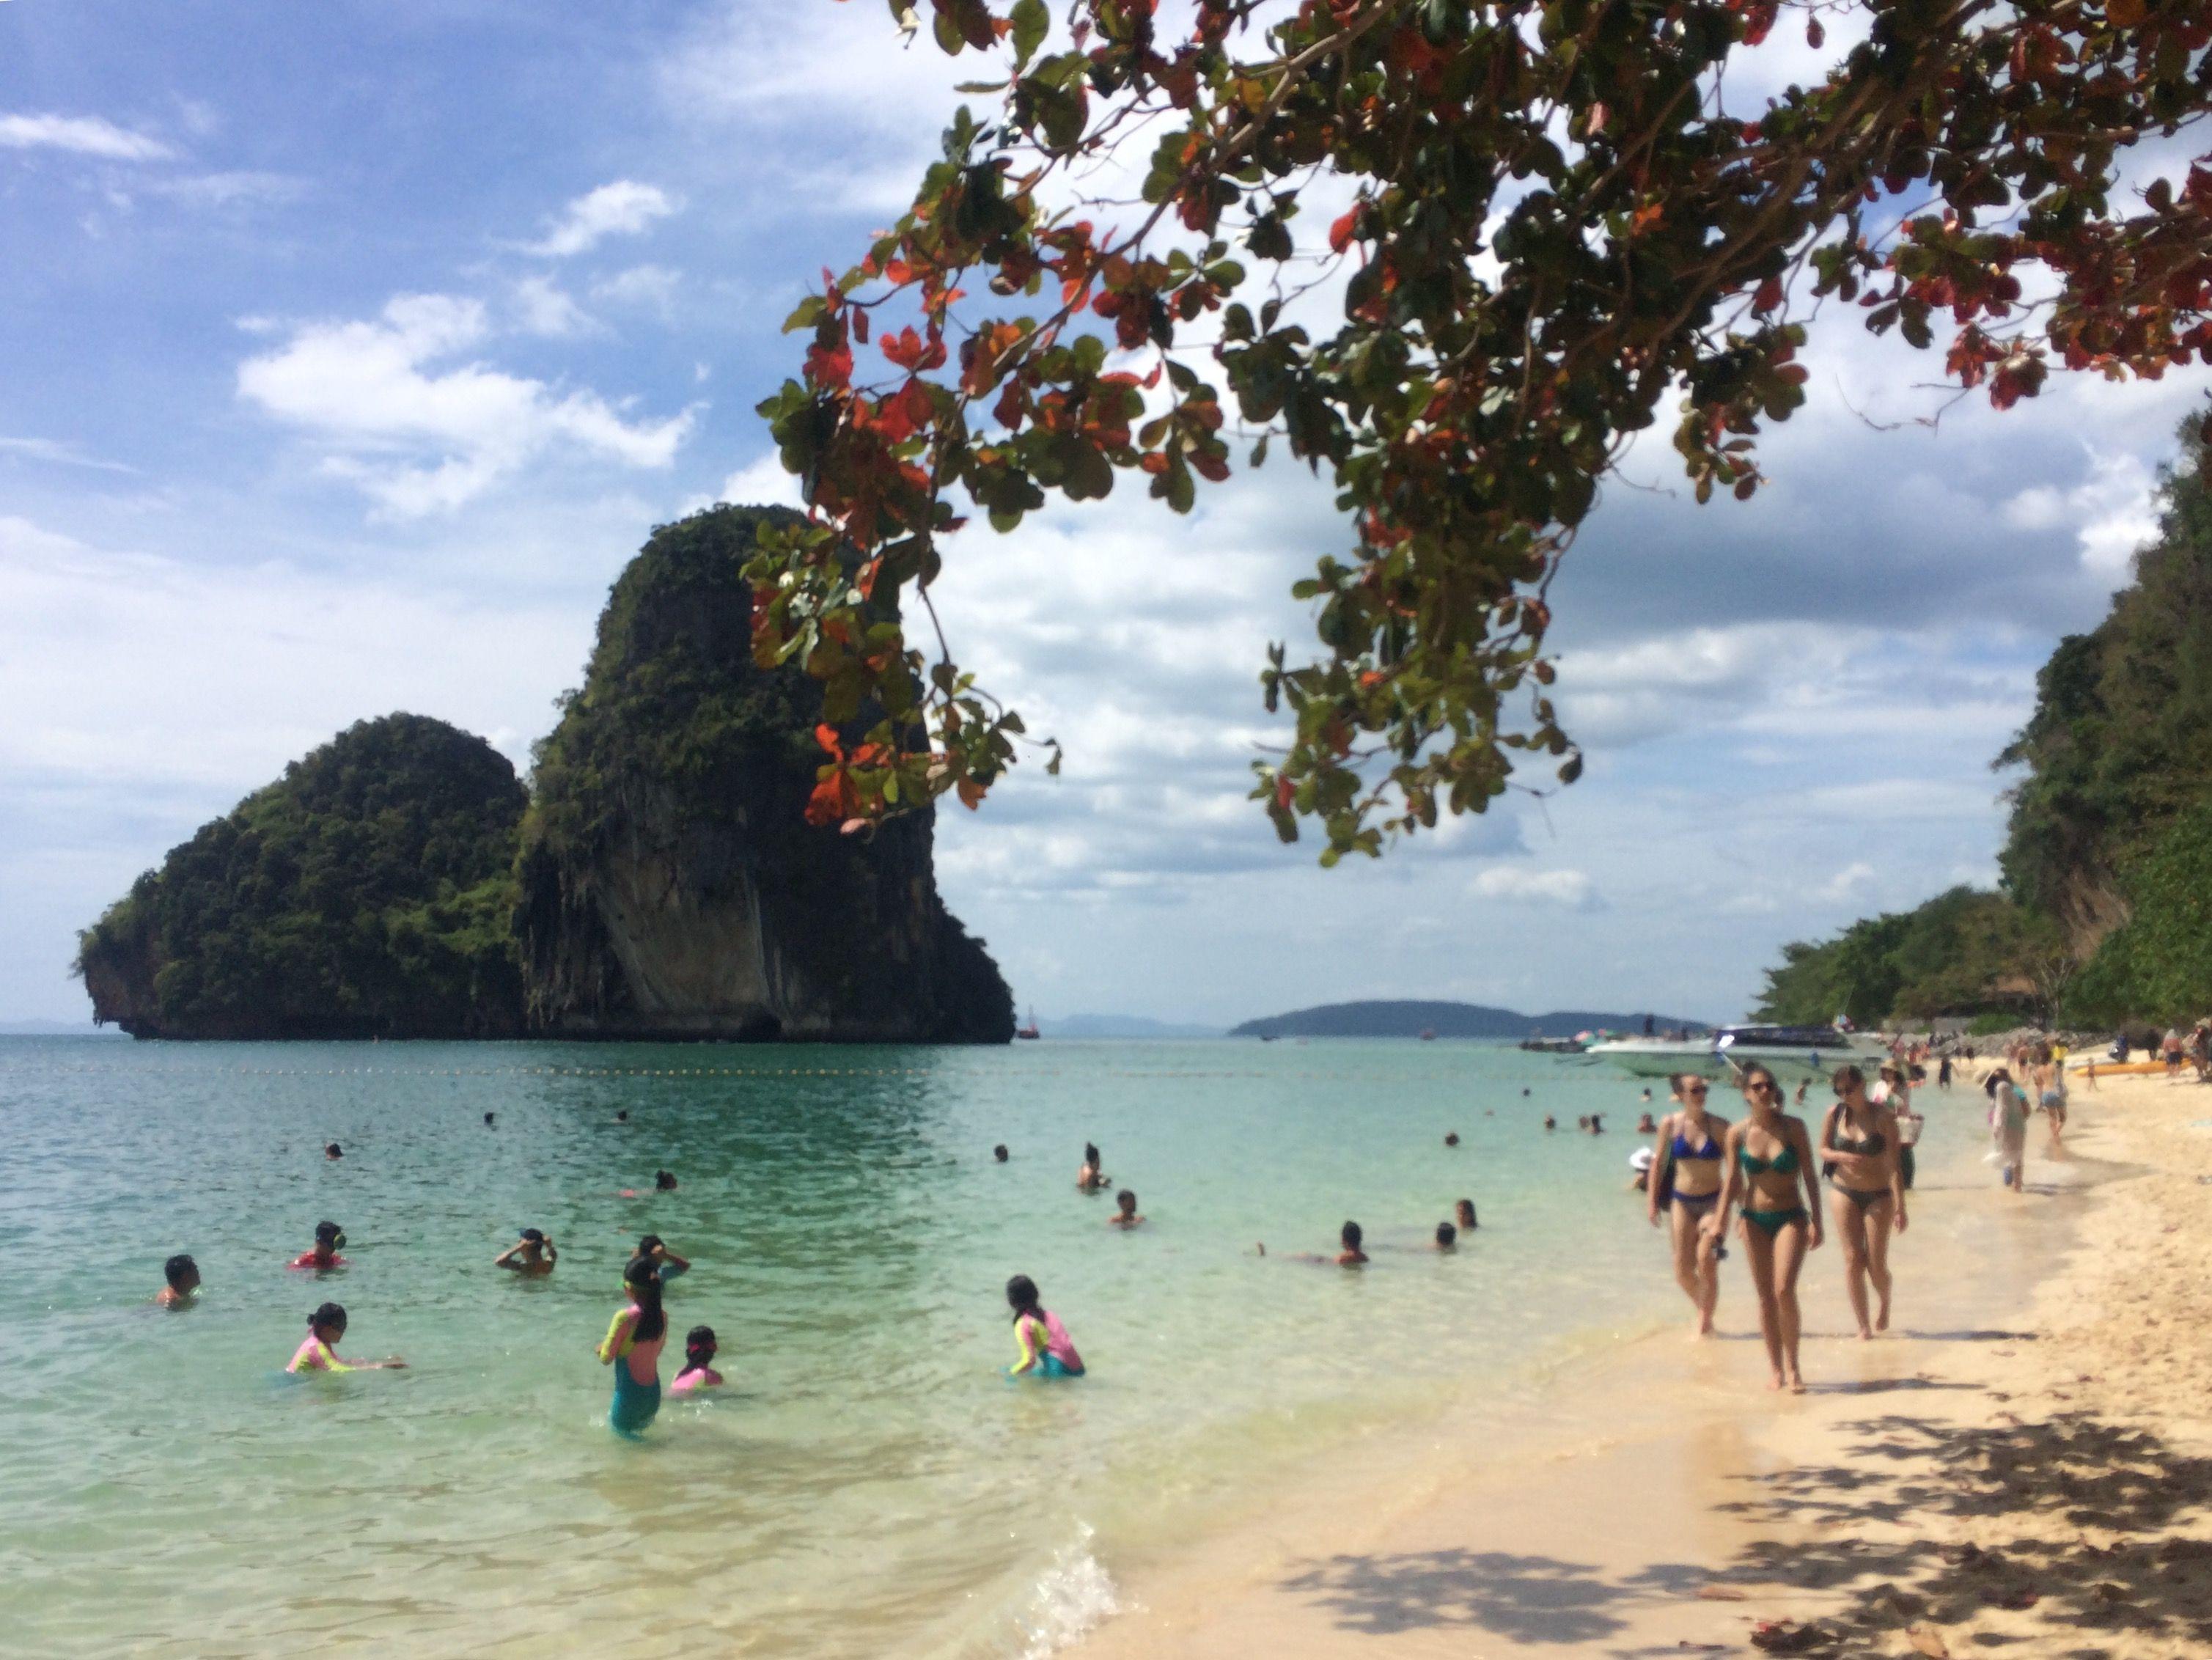 Blue sky at Phromthep Cape, Phuket (With images) | Phuket